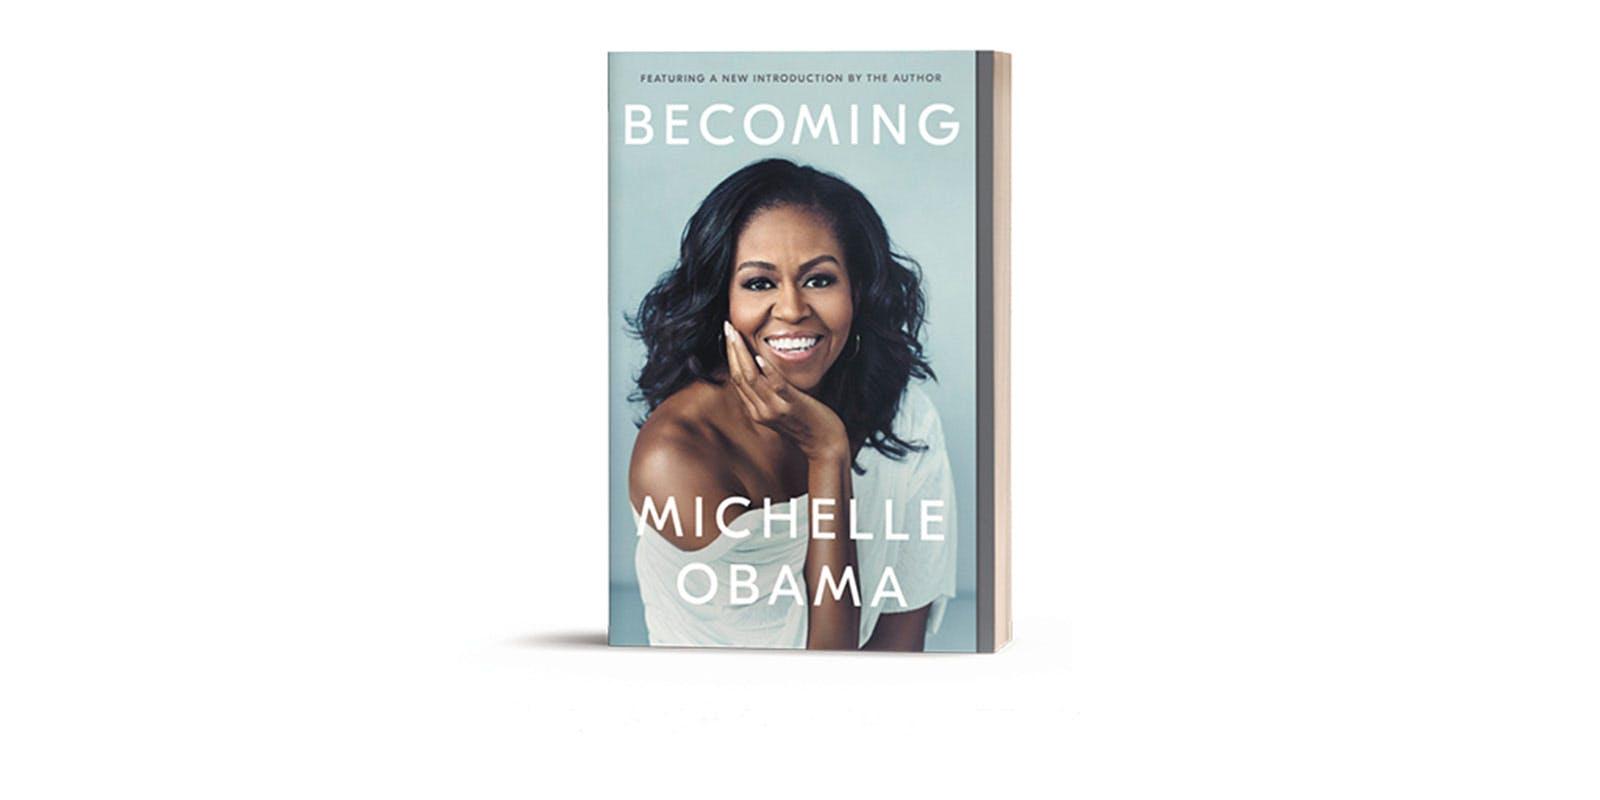 Michelle Obama: note to self